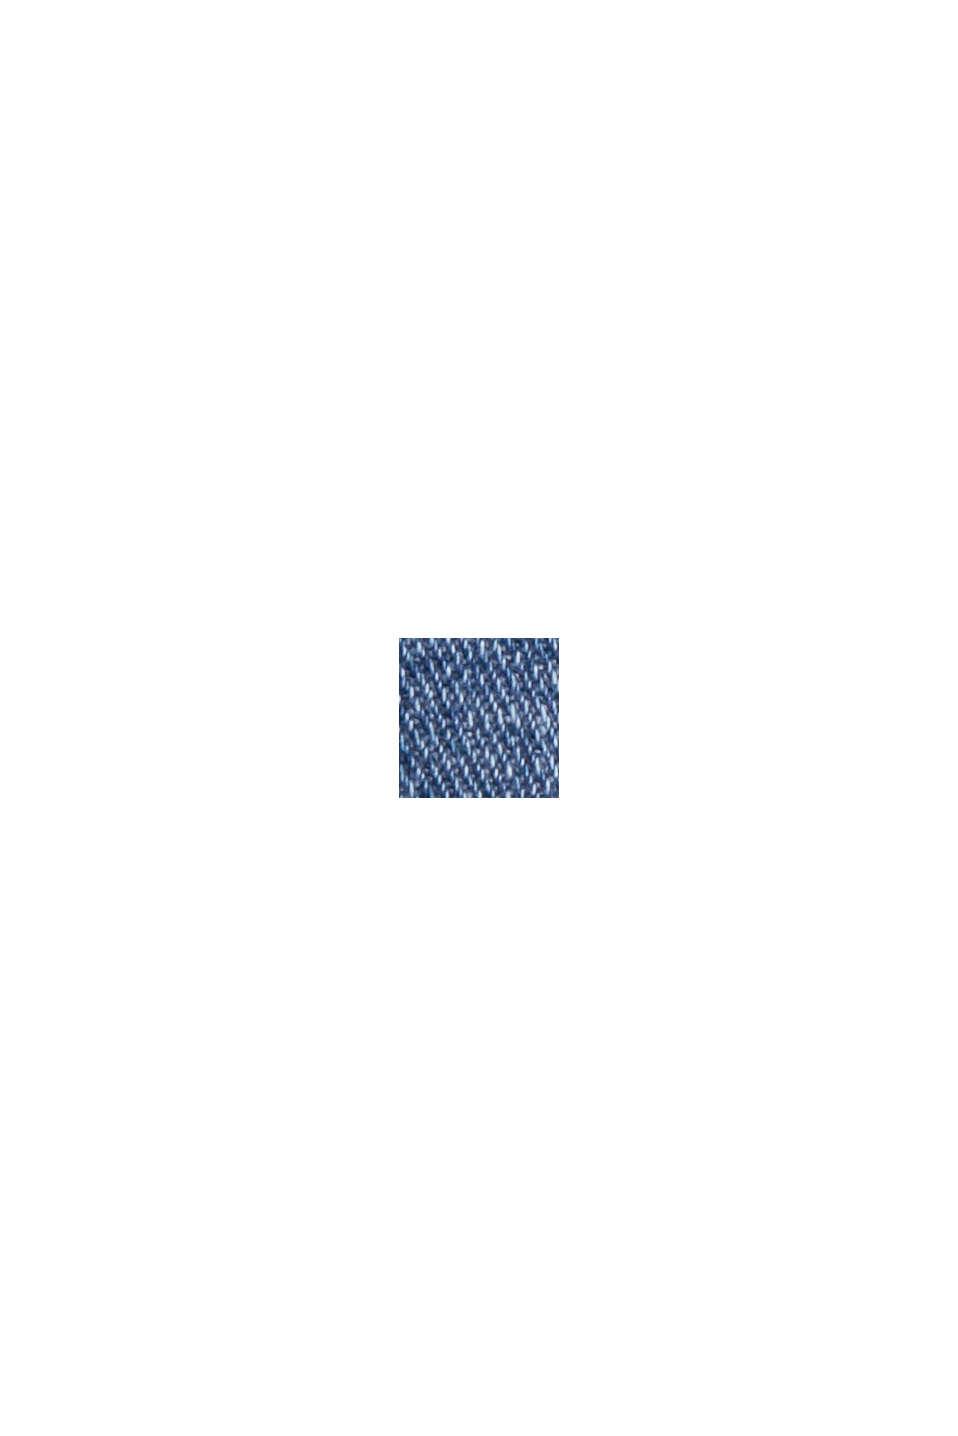 Jean court en coton mélangé, BLUE MEDIUM WASHED, swatch